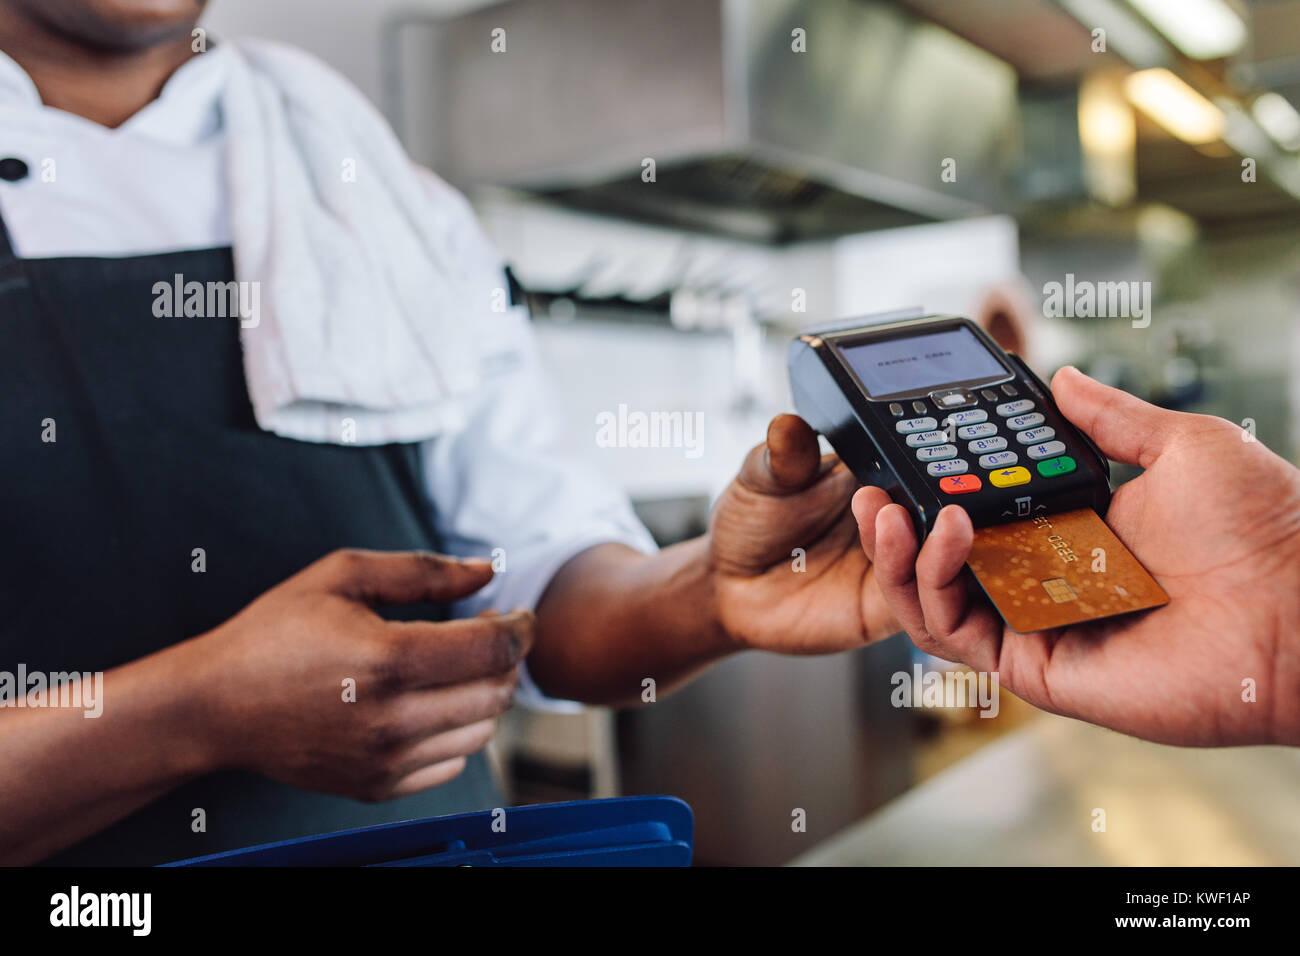 Der Kunde zahlt Restaurant Rechnung mit Kreditkarte. Kunden die Zahlung durch Kreditkarte am Zähler in einem Restaurant. Stockfoto